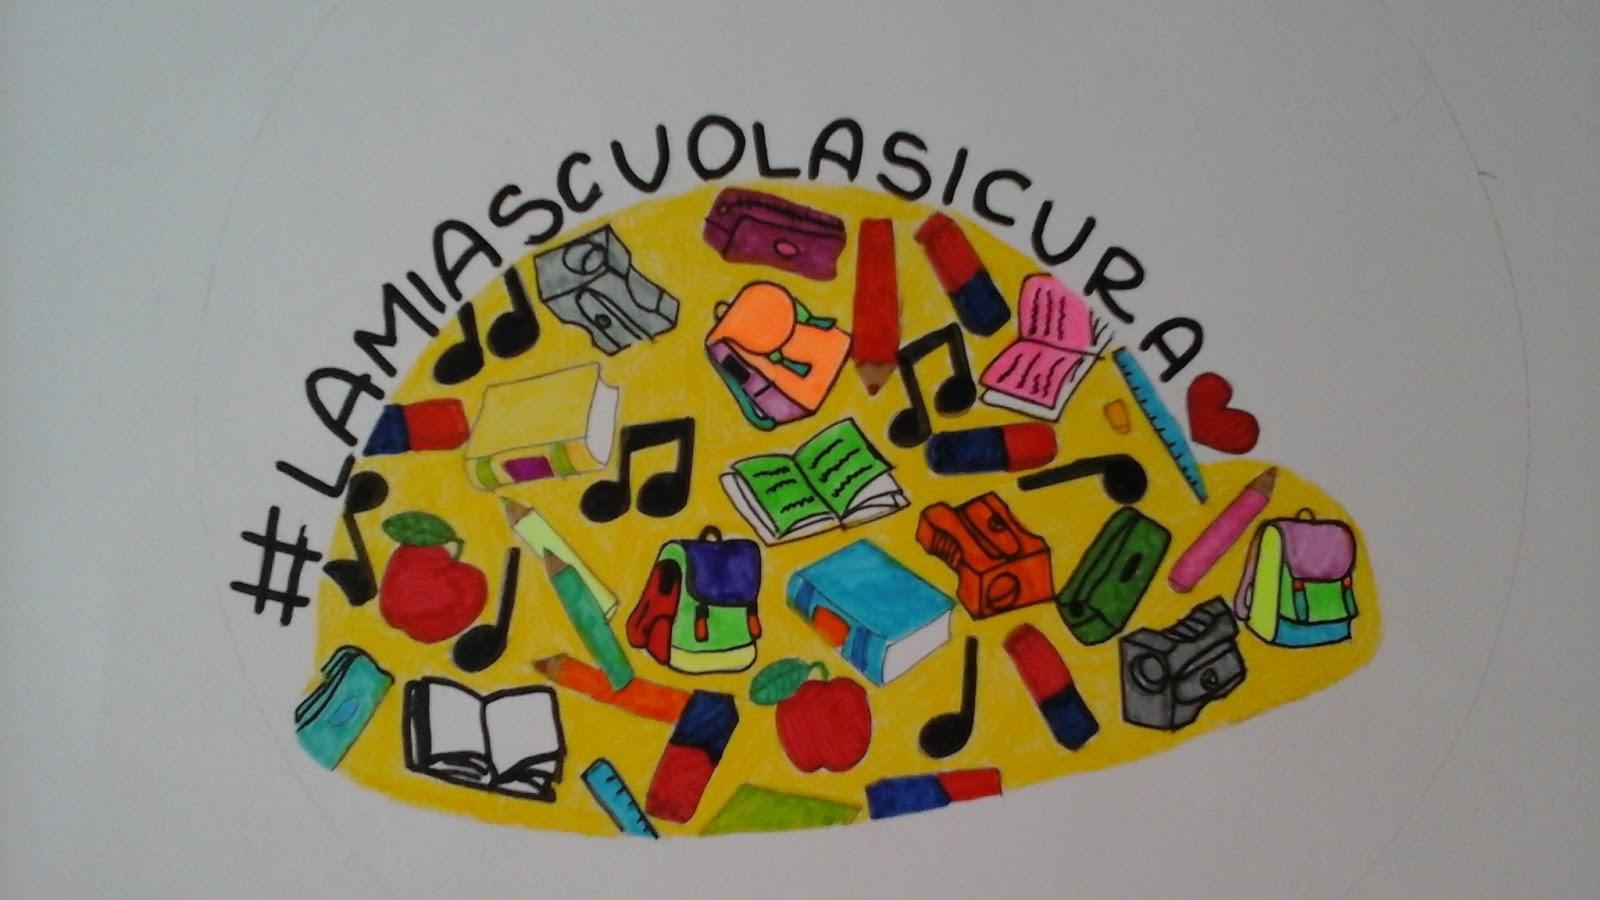 Popolare Un logo per #lamiascuolasicura LR89